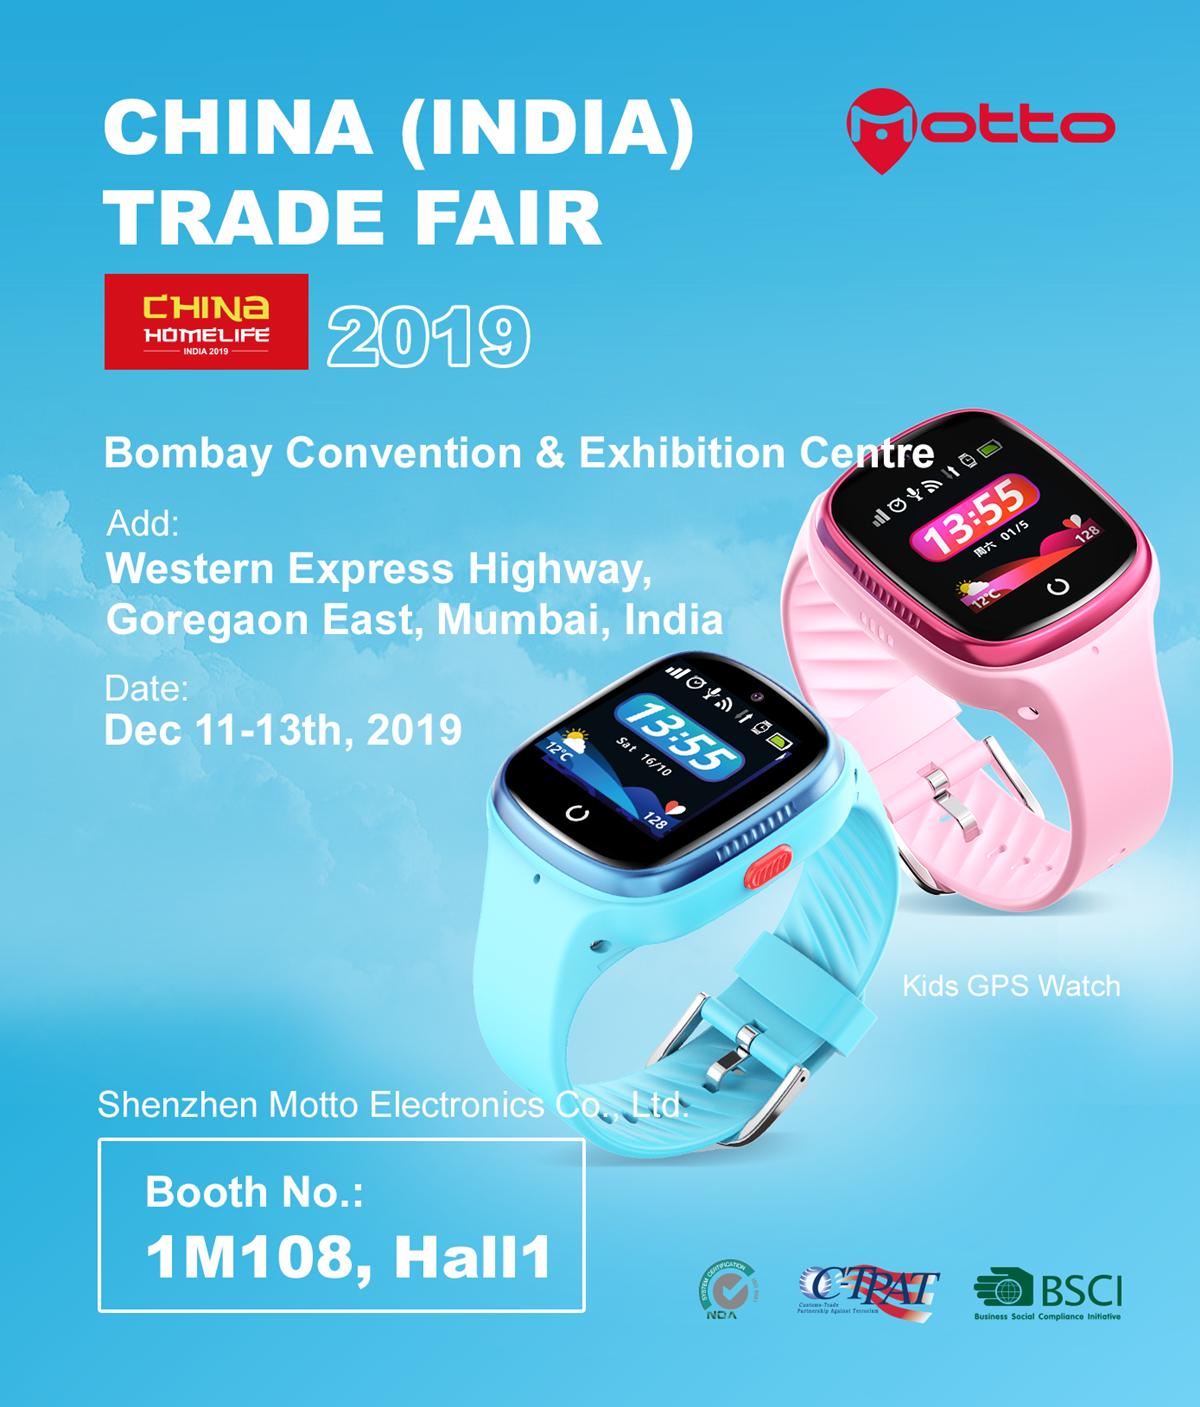 CHINA(INDIA) TRADE FAIR 2019